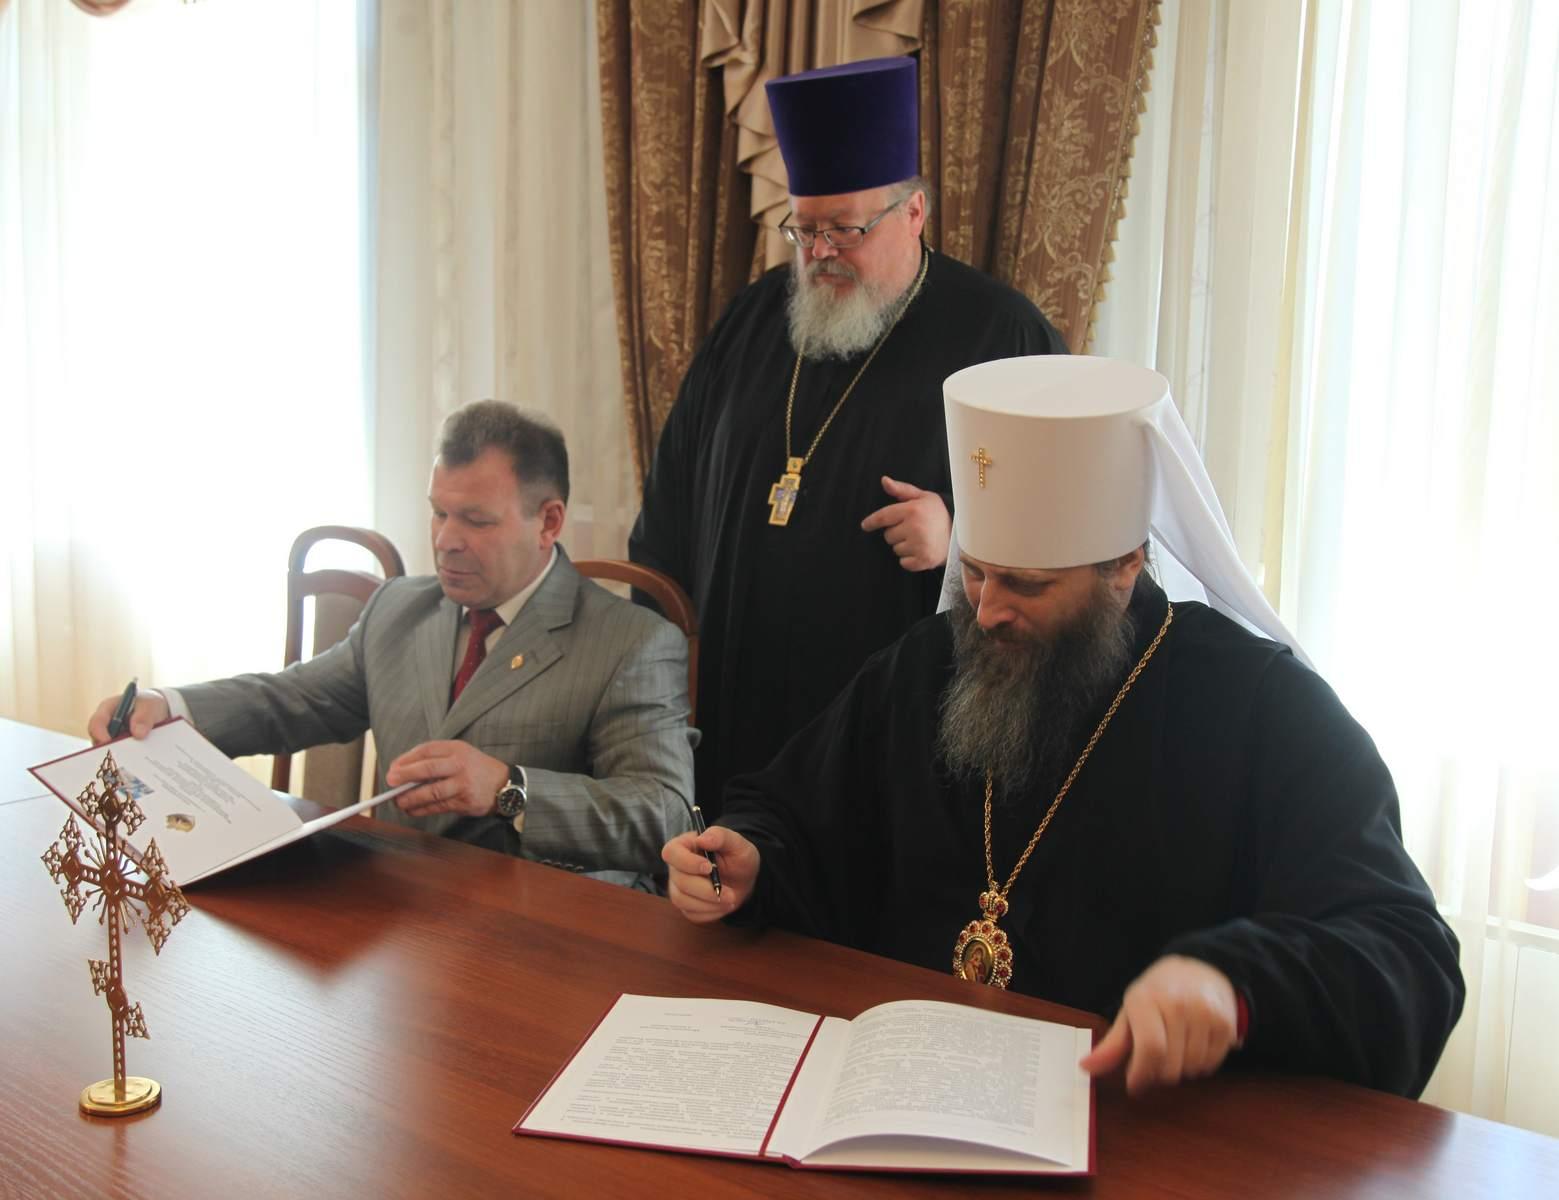 Подписание соглашения между Челябинской митрополией РПЦ иМеждународной Ассоциацией ветеранов подразделения антитеррора «Альфа»